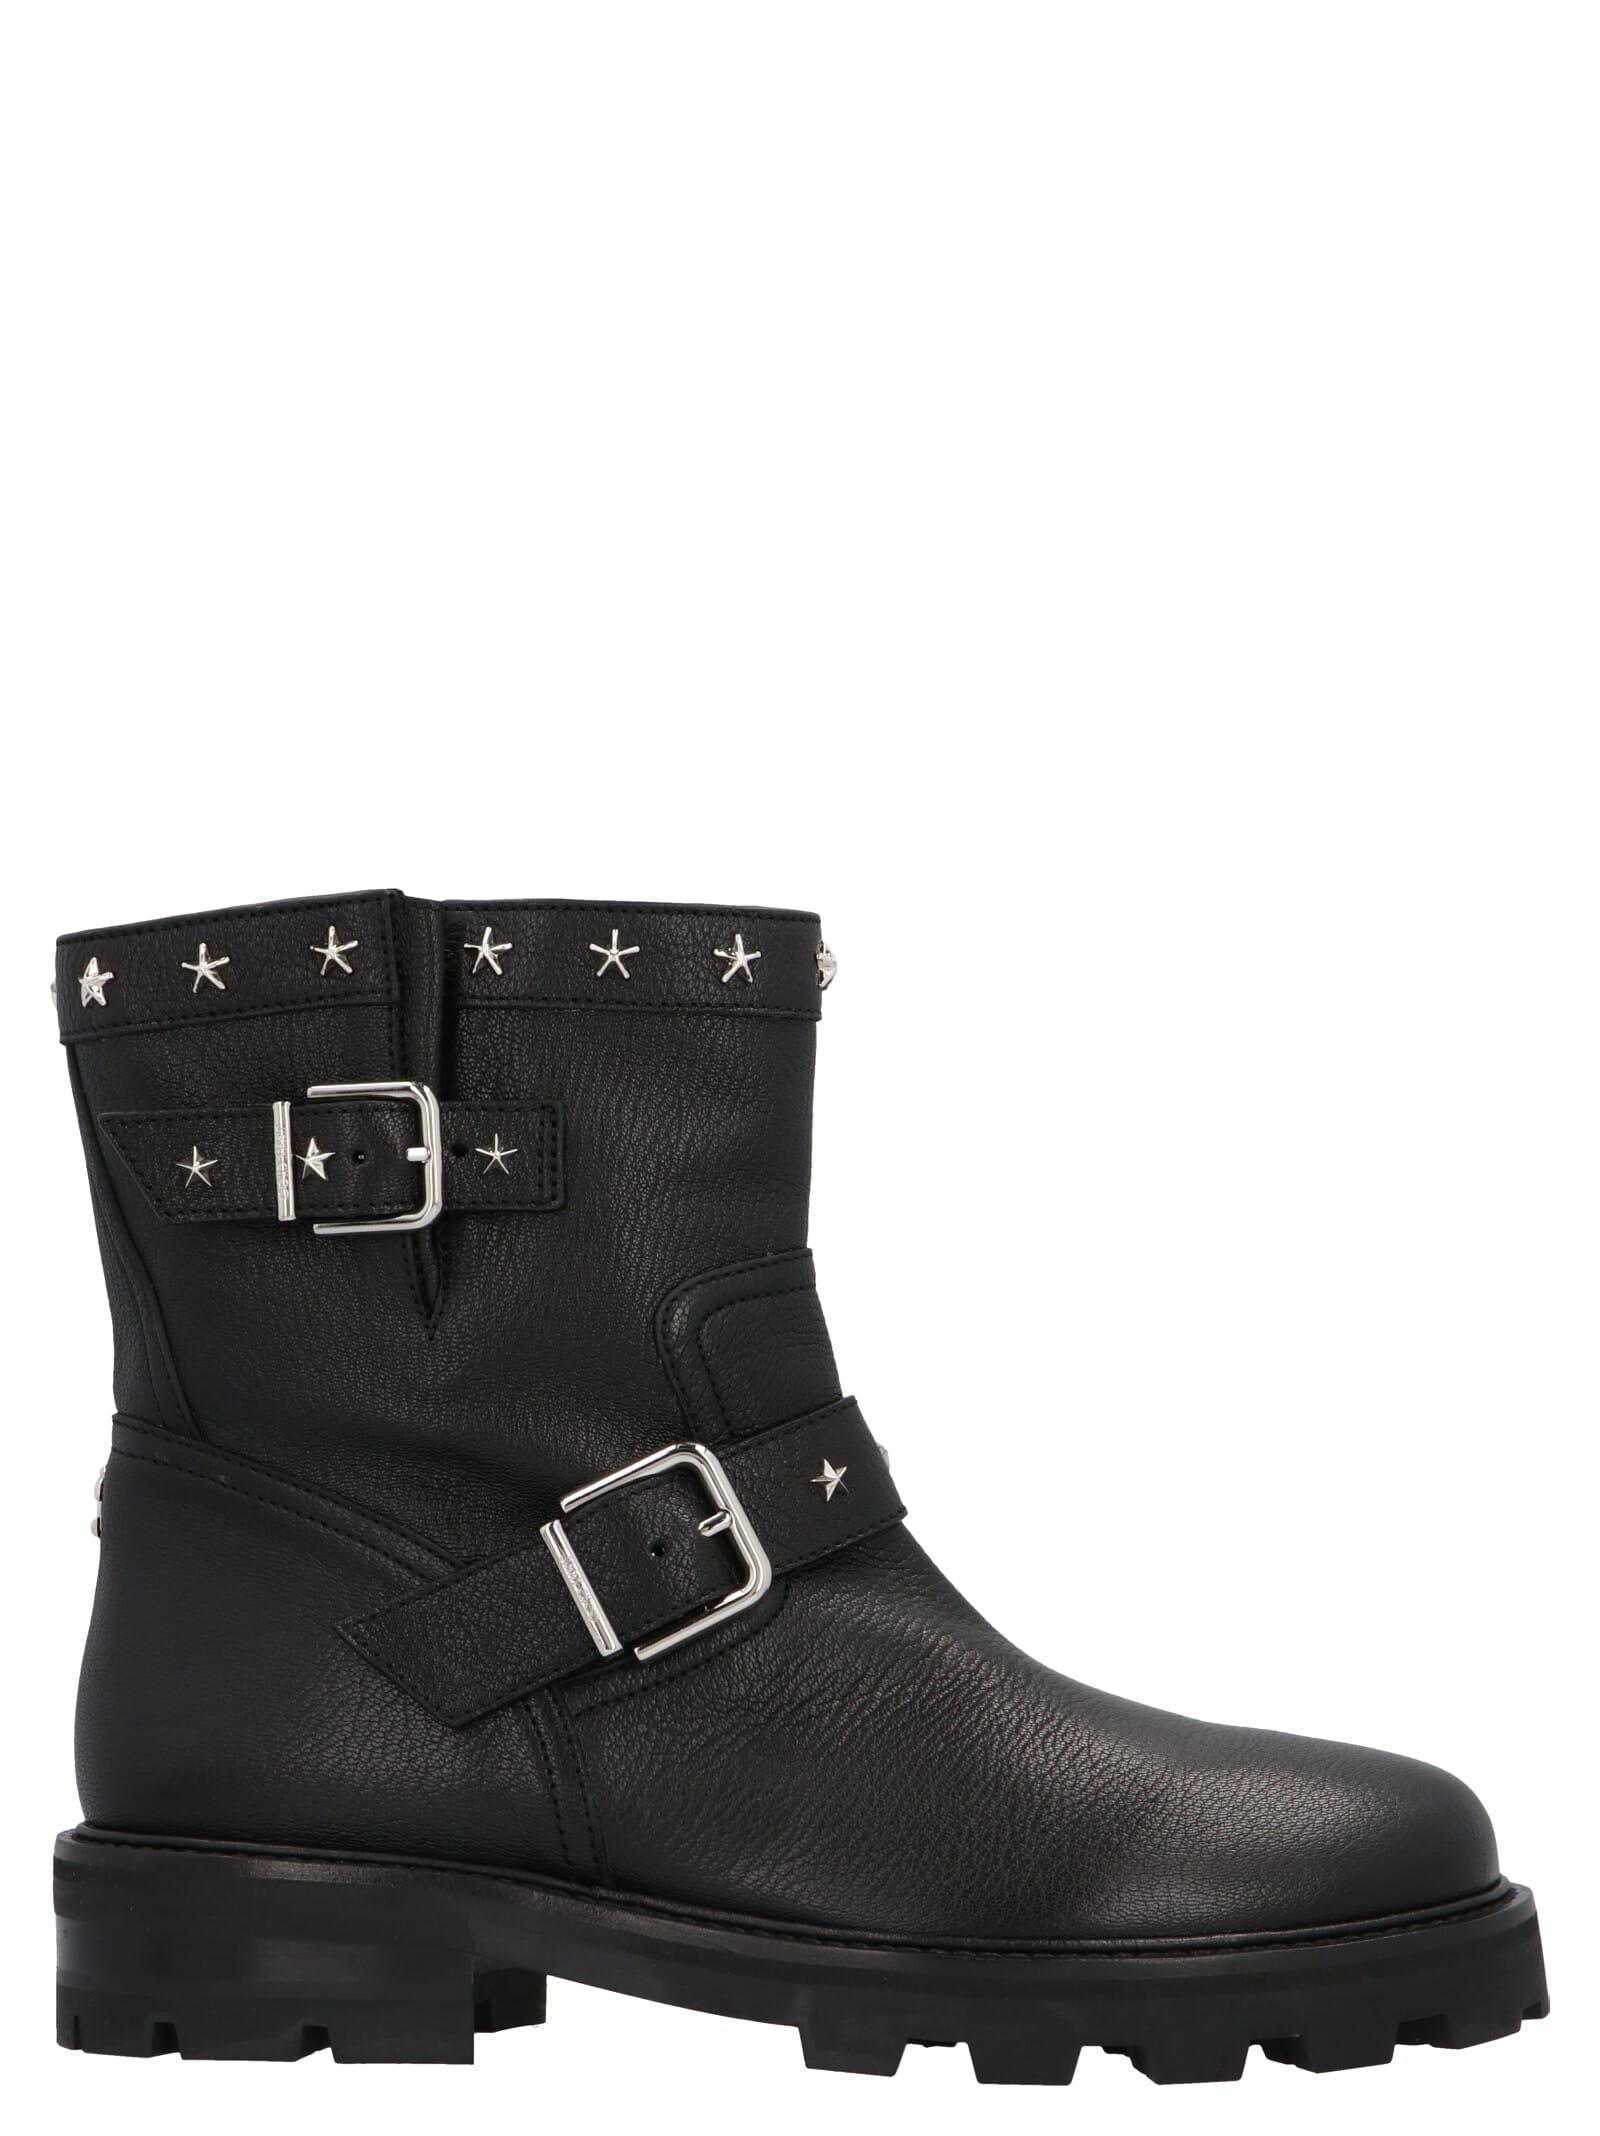 Jimmy Choo youth Ii Shoes